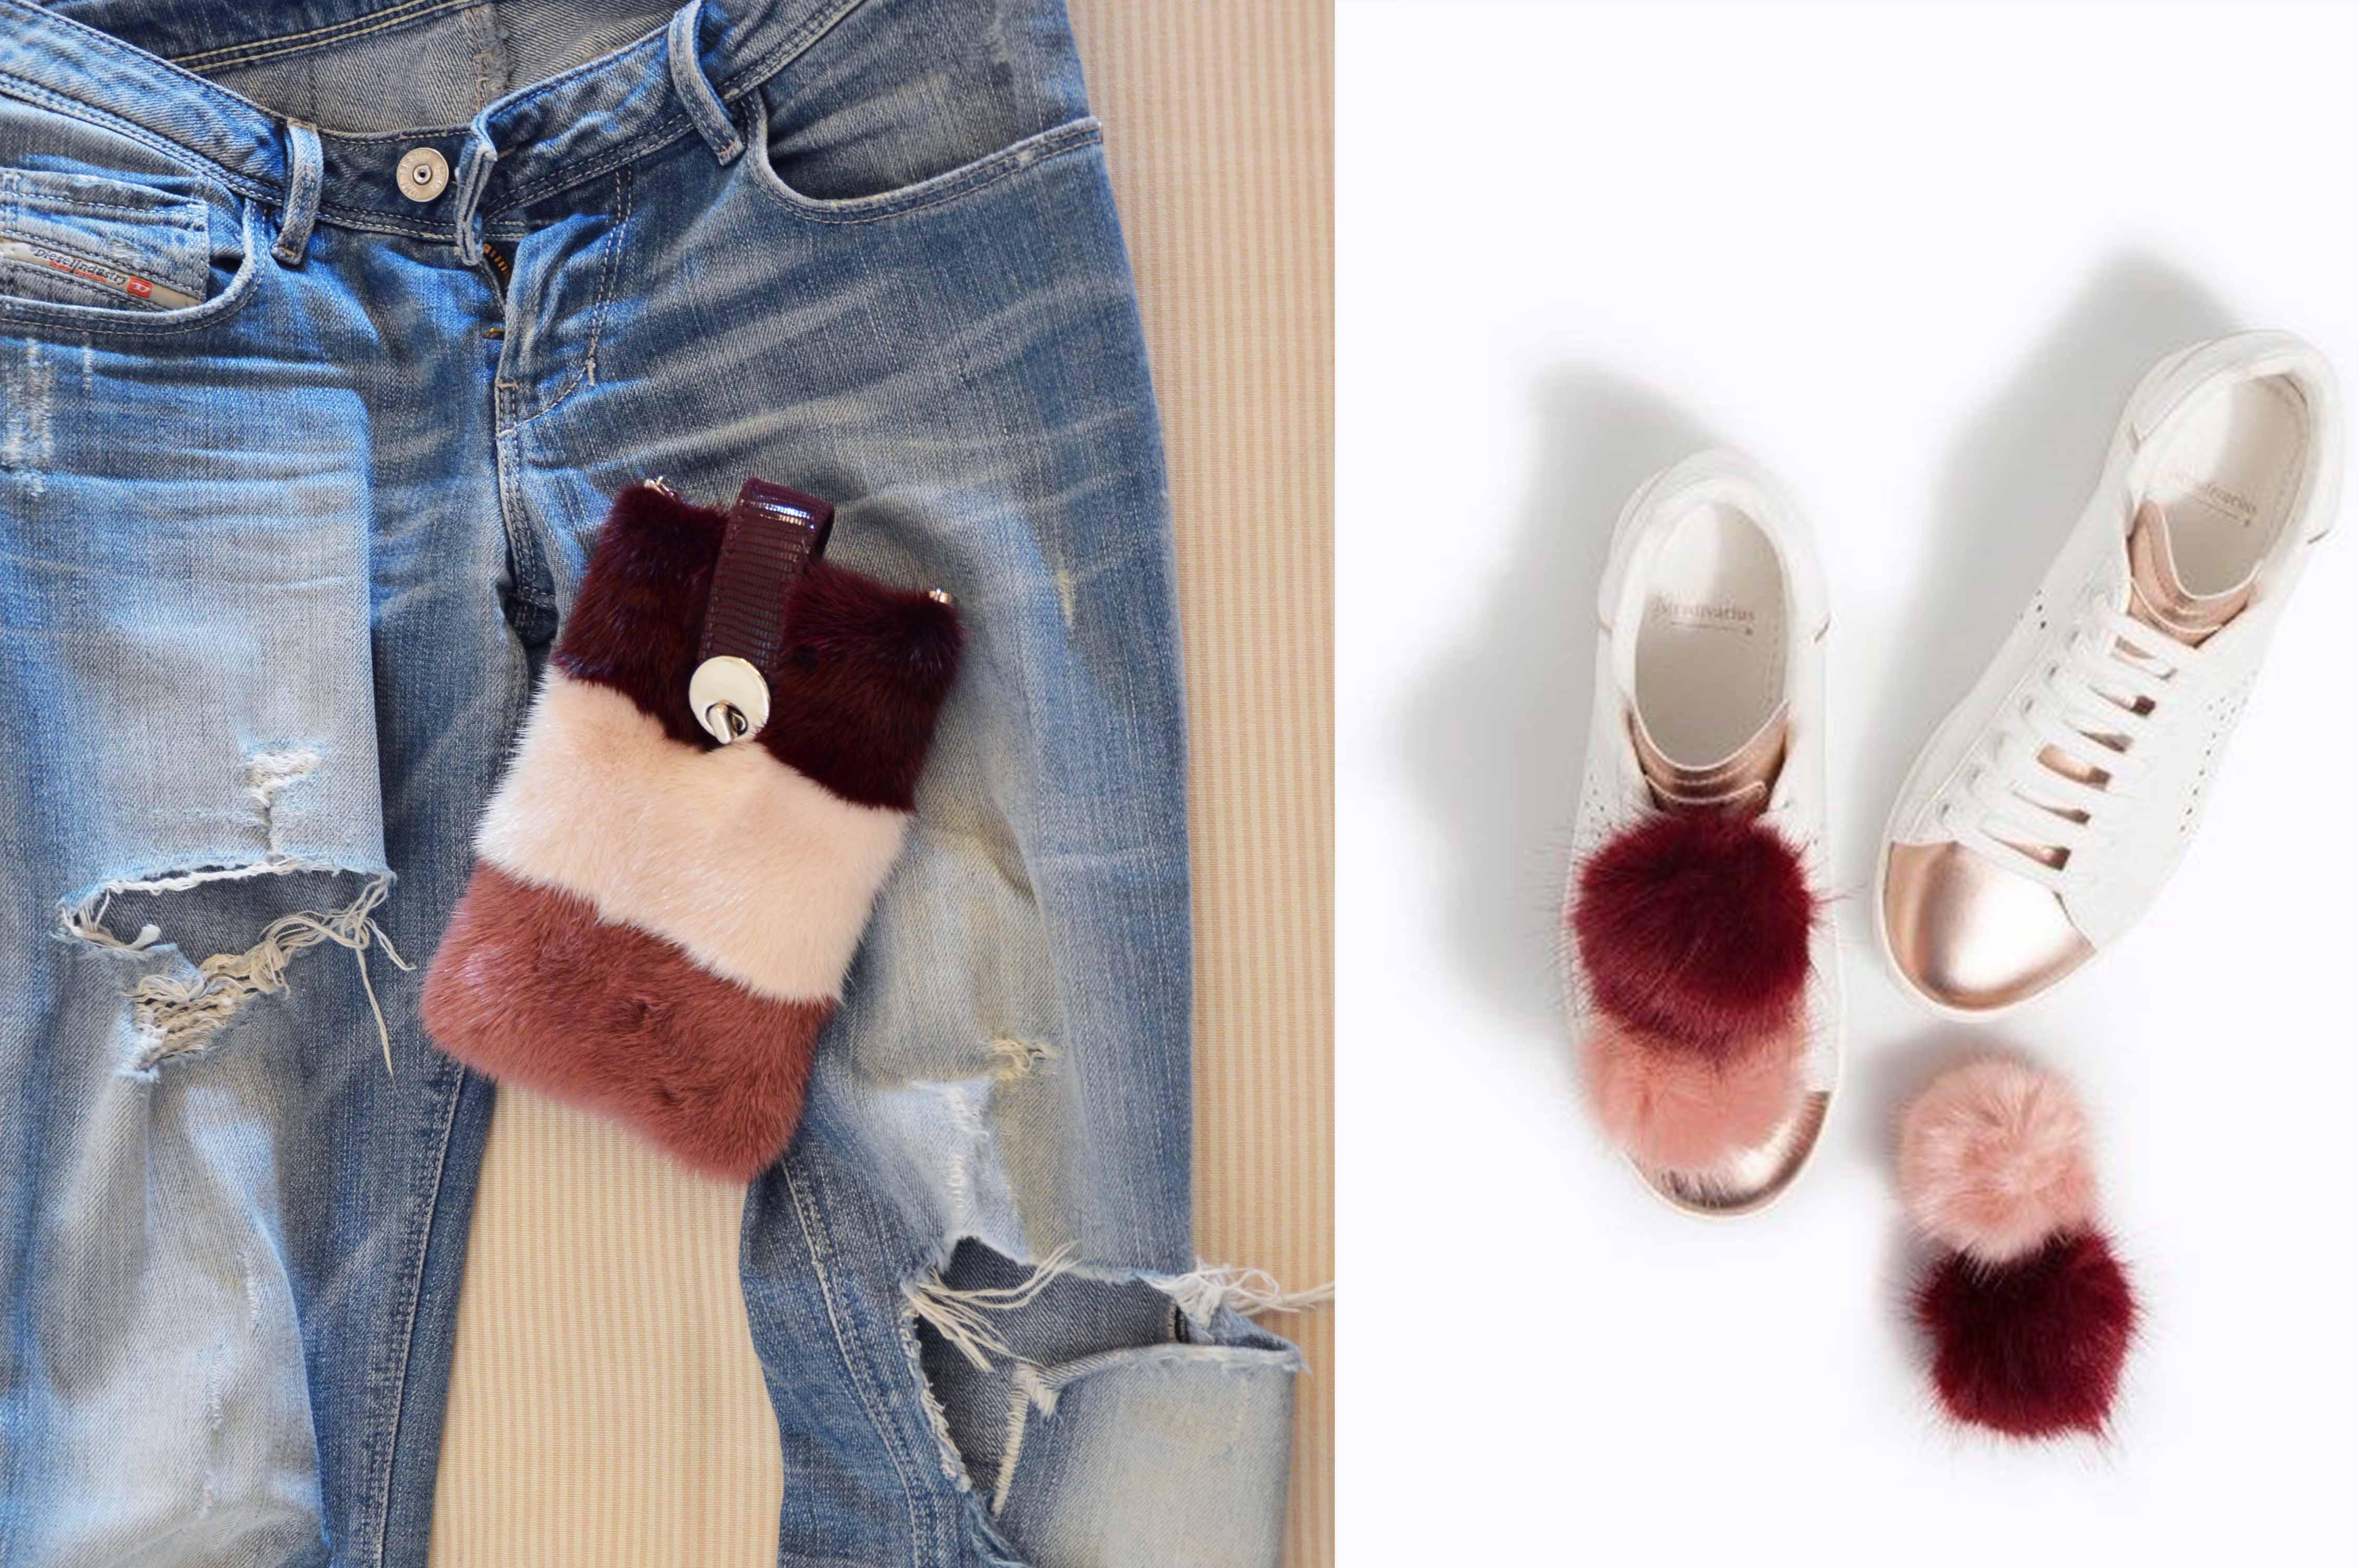 Leggere Tanti Trend 2018Pellicce Moda Primavera Fur E Accessori lKJF1c